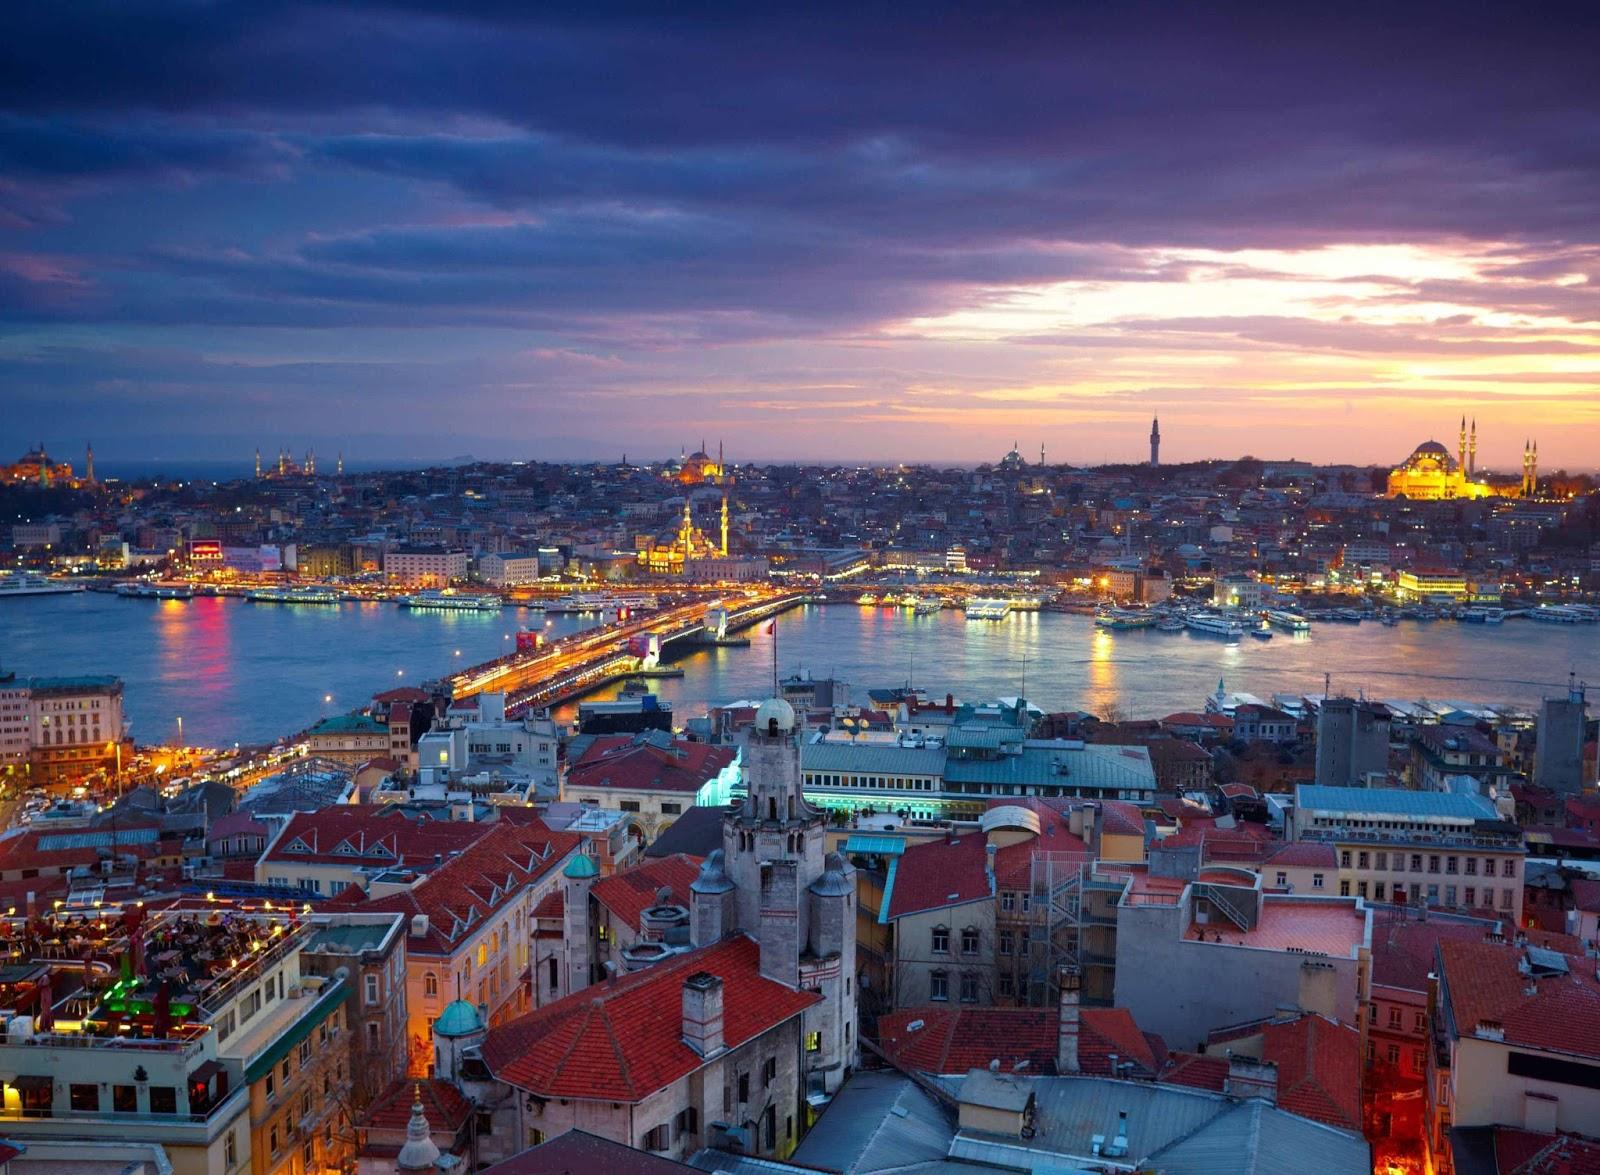 عشرة أسباب تجعلك تحب اسطنبول